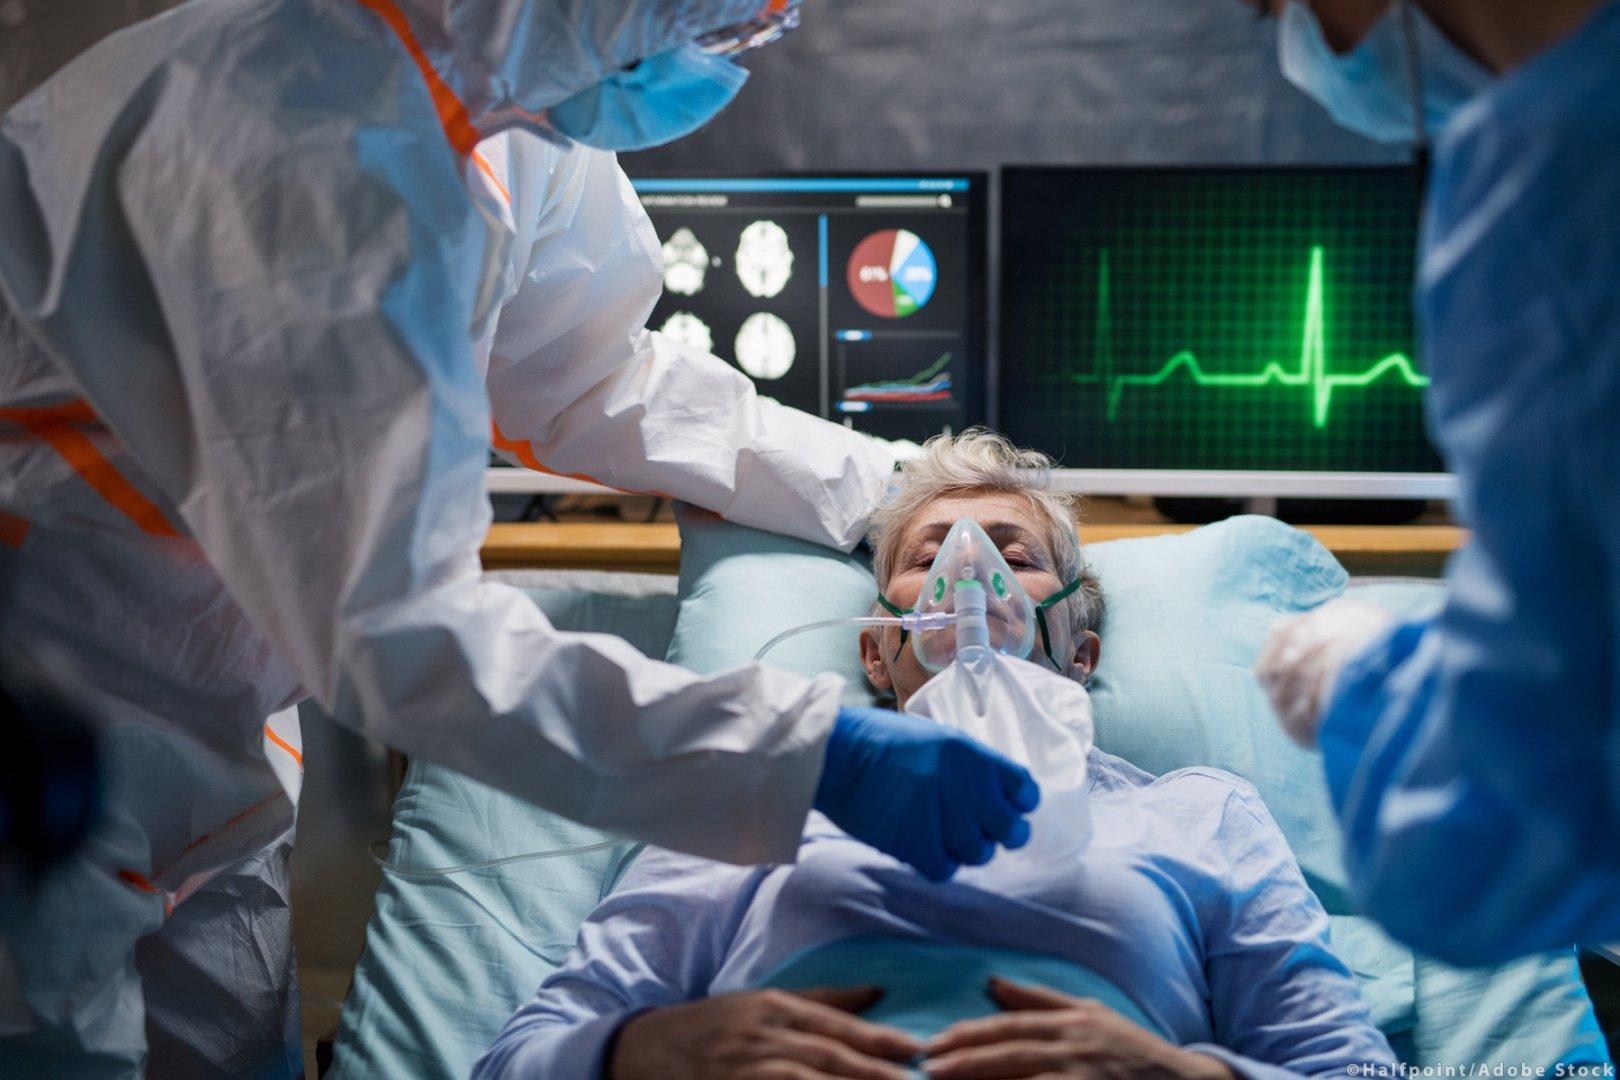 5505са приети за лечение в болници в страната, като от тях 472са на интензивно лечение. Снимката е илюстративна